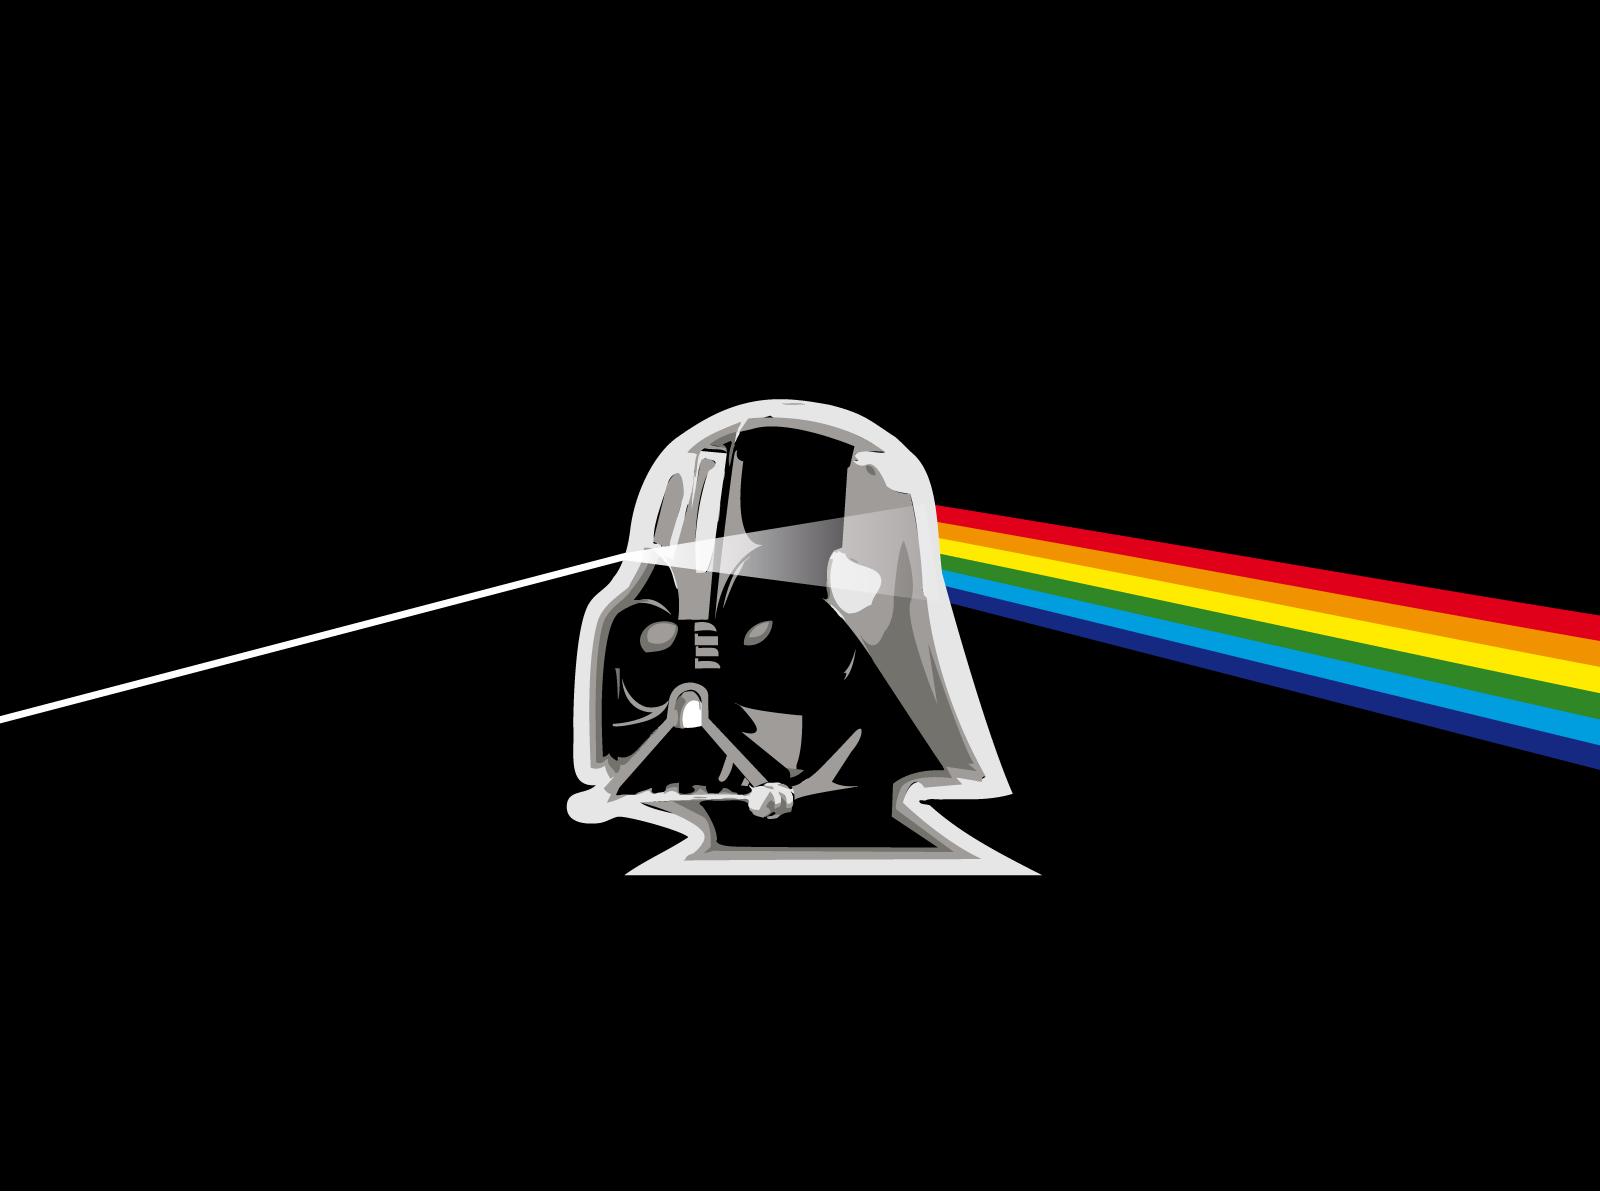 Pink Floyd - Darth Side